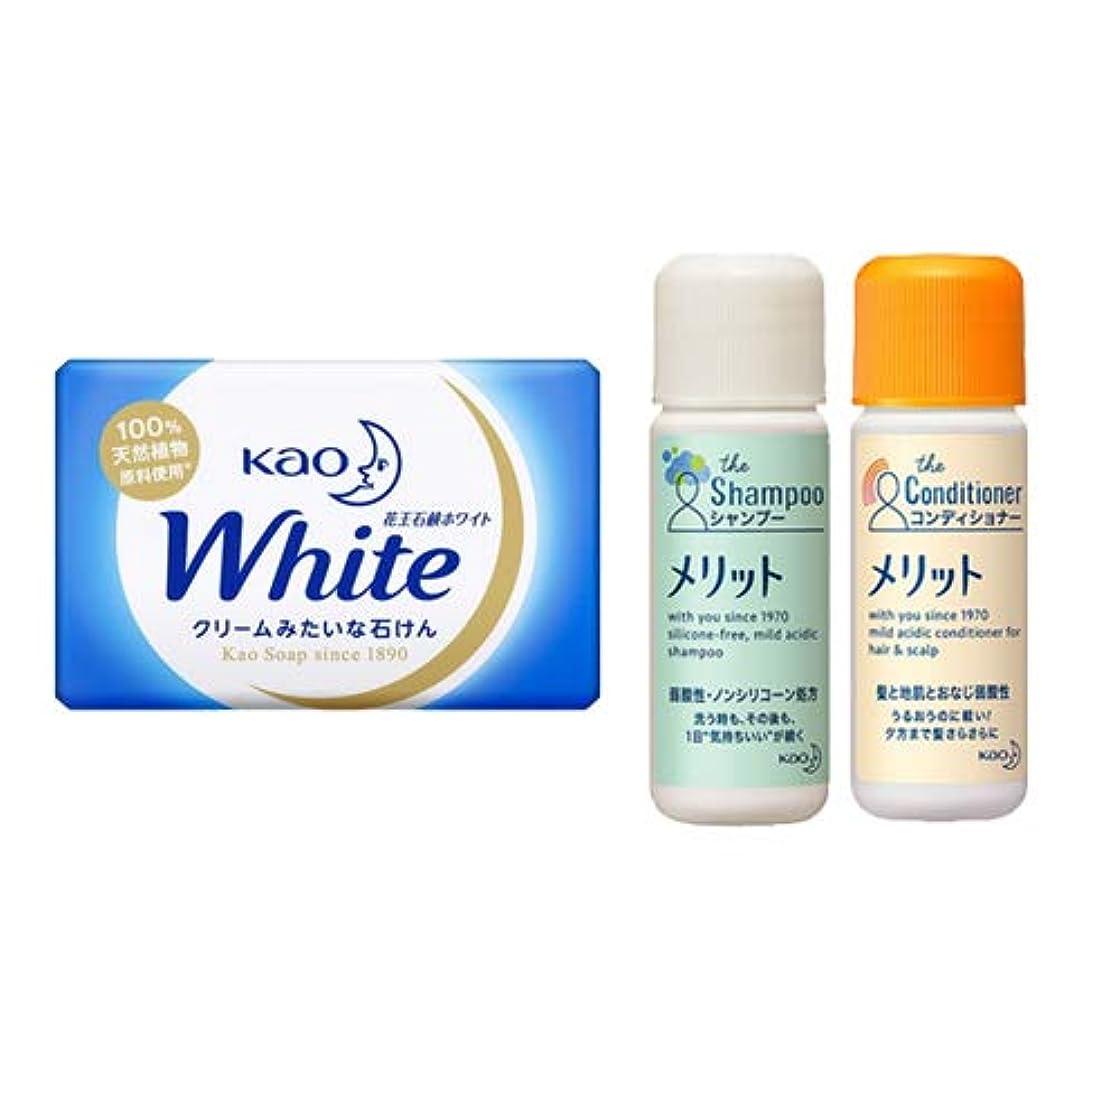 予測子合計ガロン花王(KAO) 石鹸ホワイト(Kao Soap White) 15g + メリットシャンプー 16ml + リンス 16ml セット